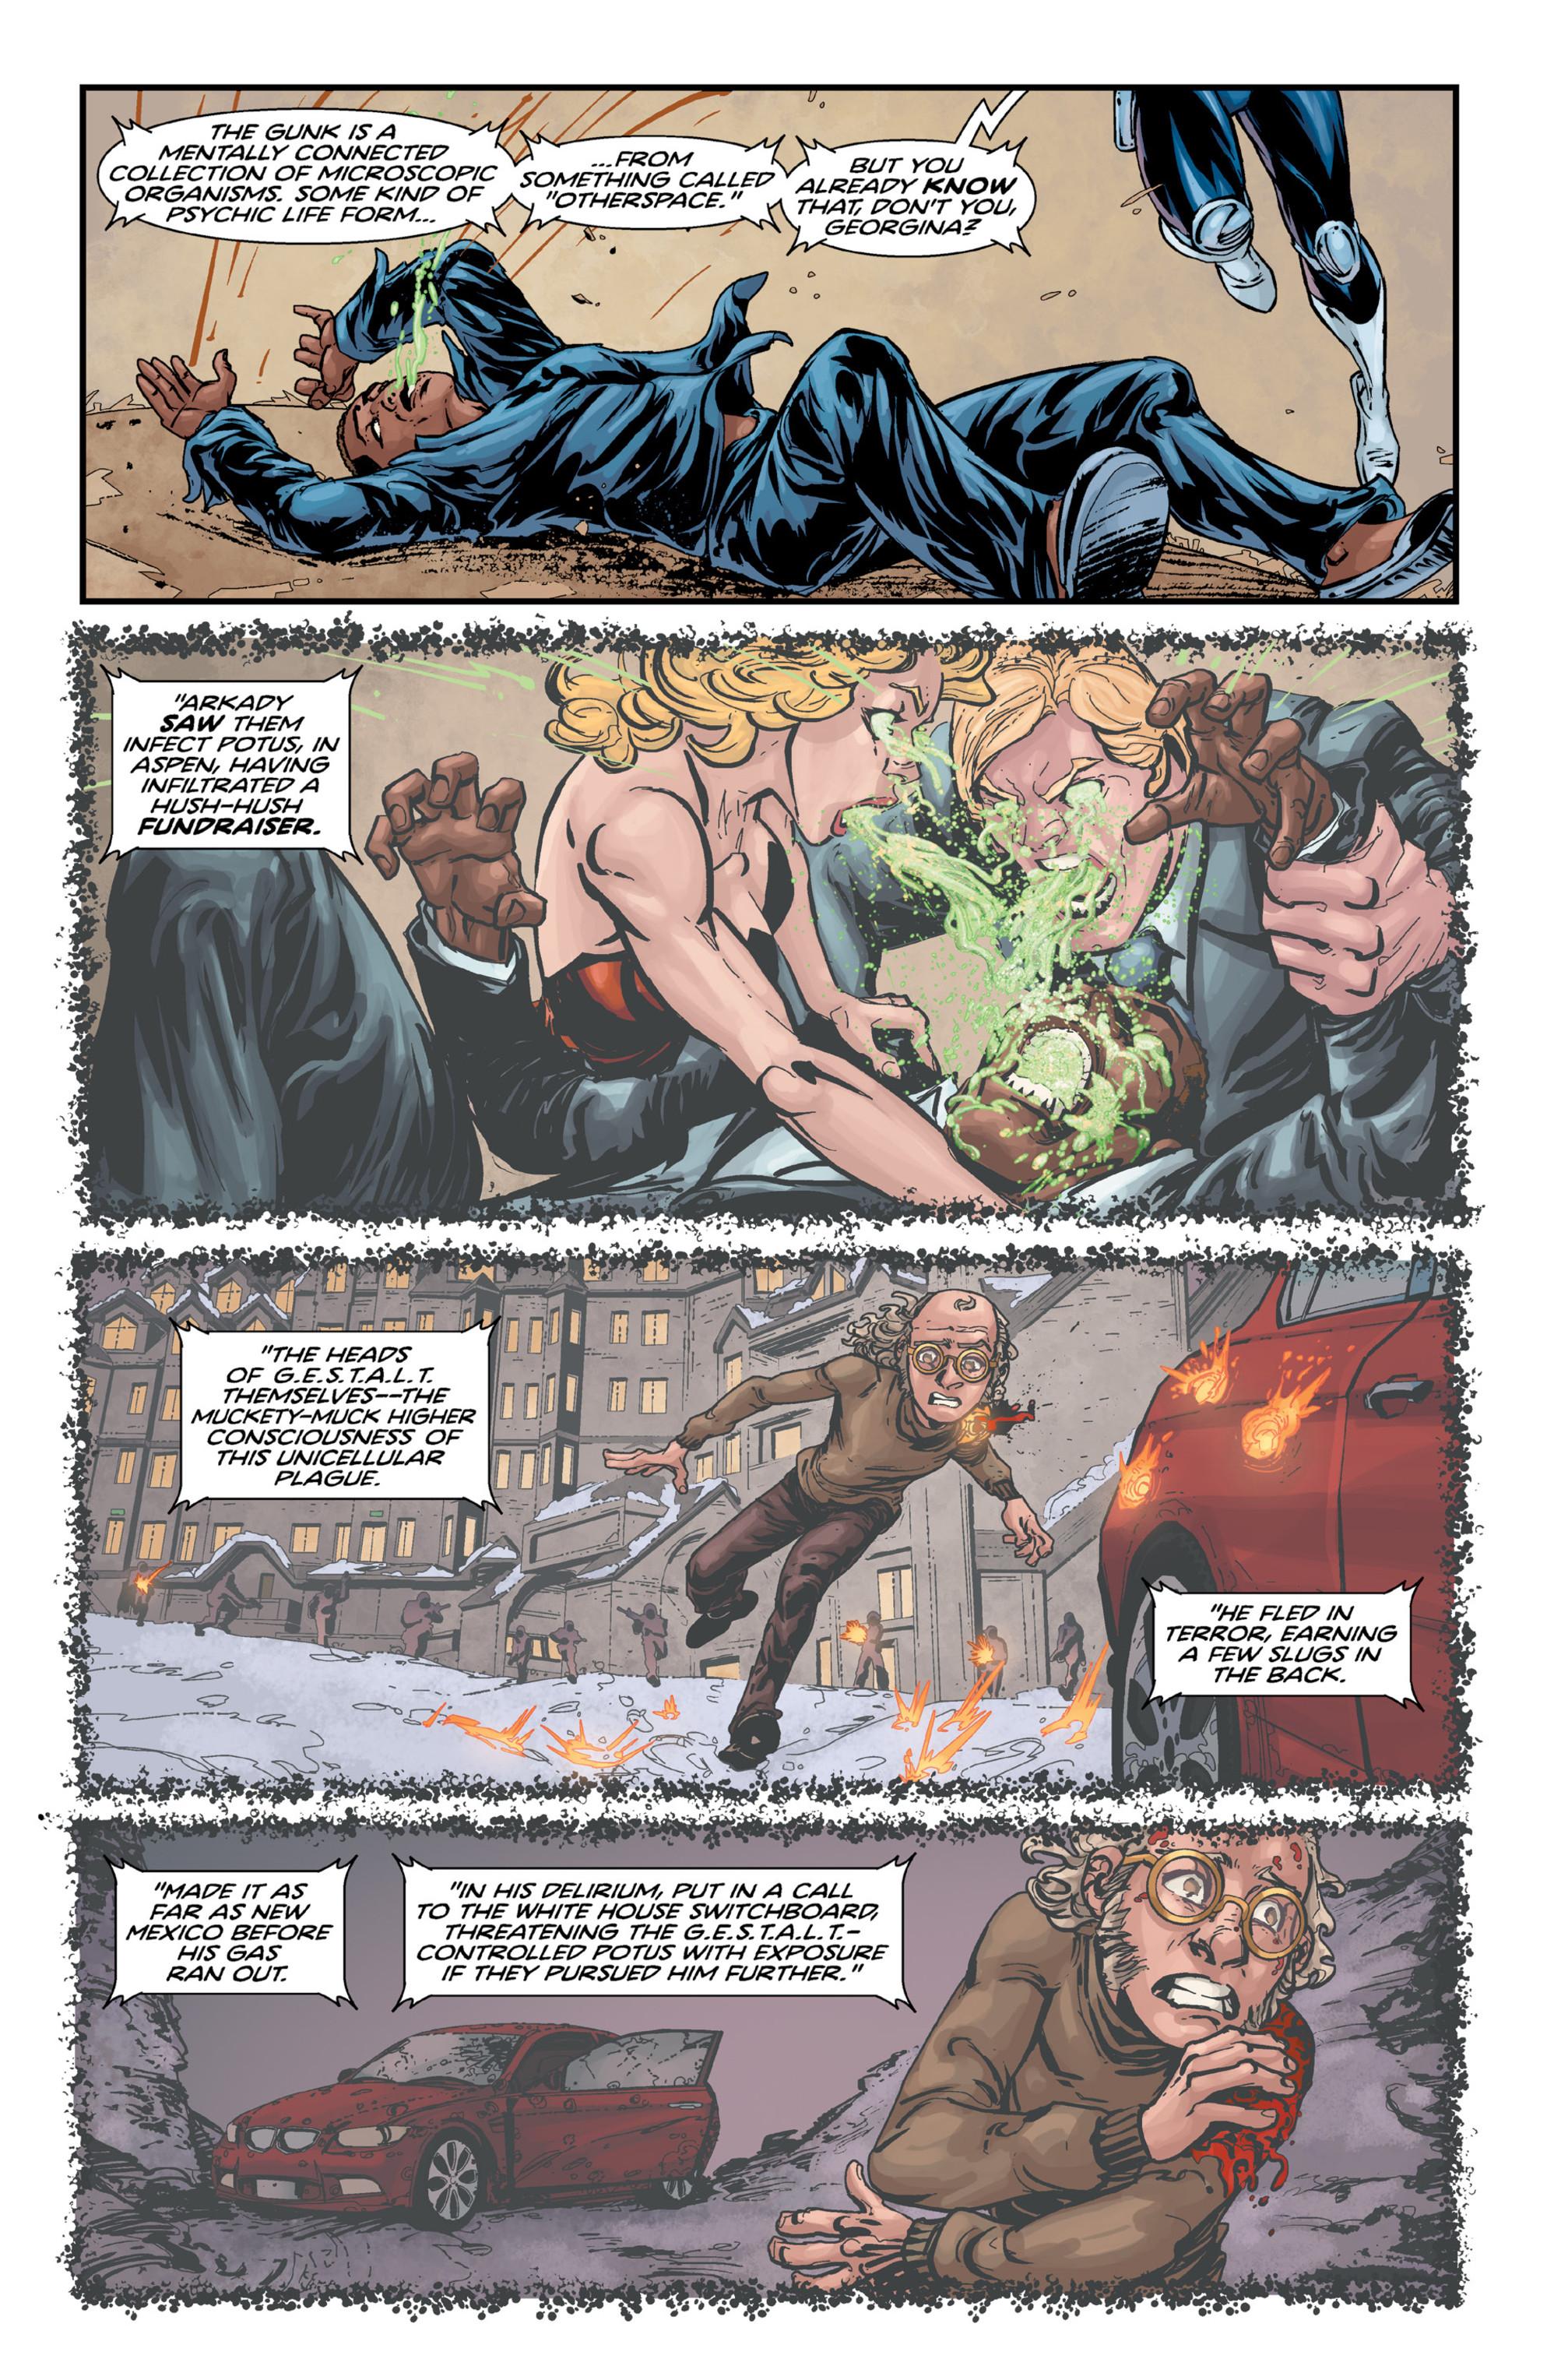 Read online Brain Boy:  The Men from G.E.S.T.A.L.T. comic -  Issue # TPB - 93